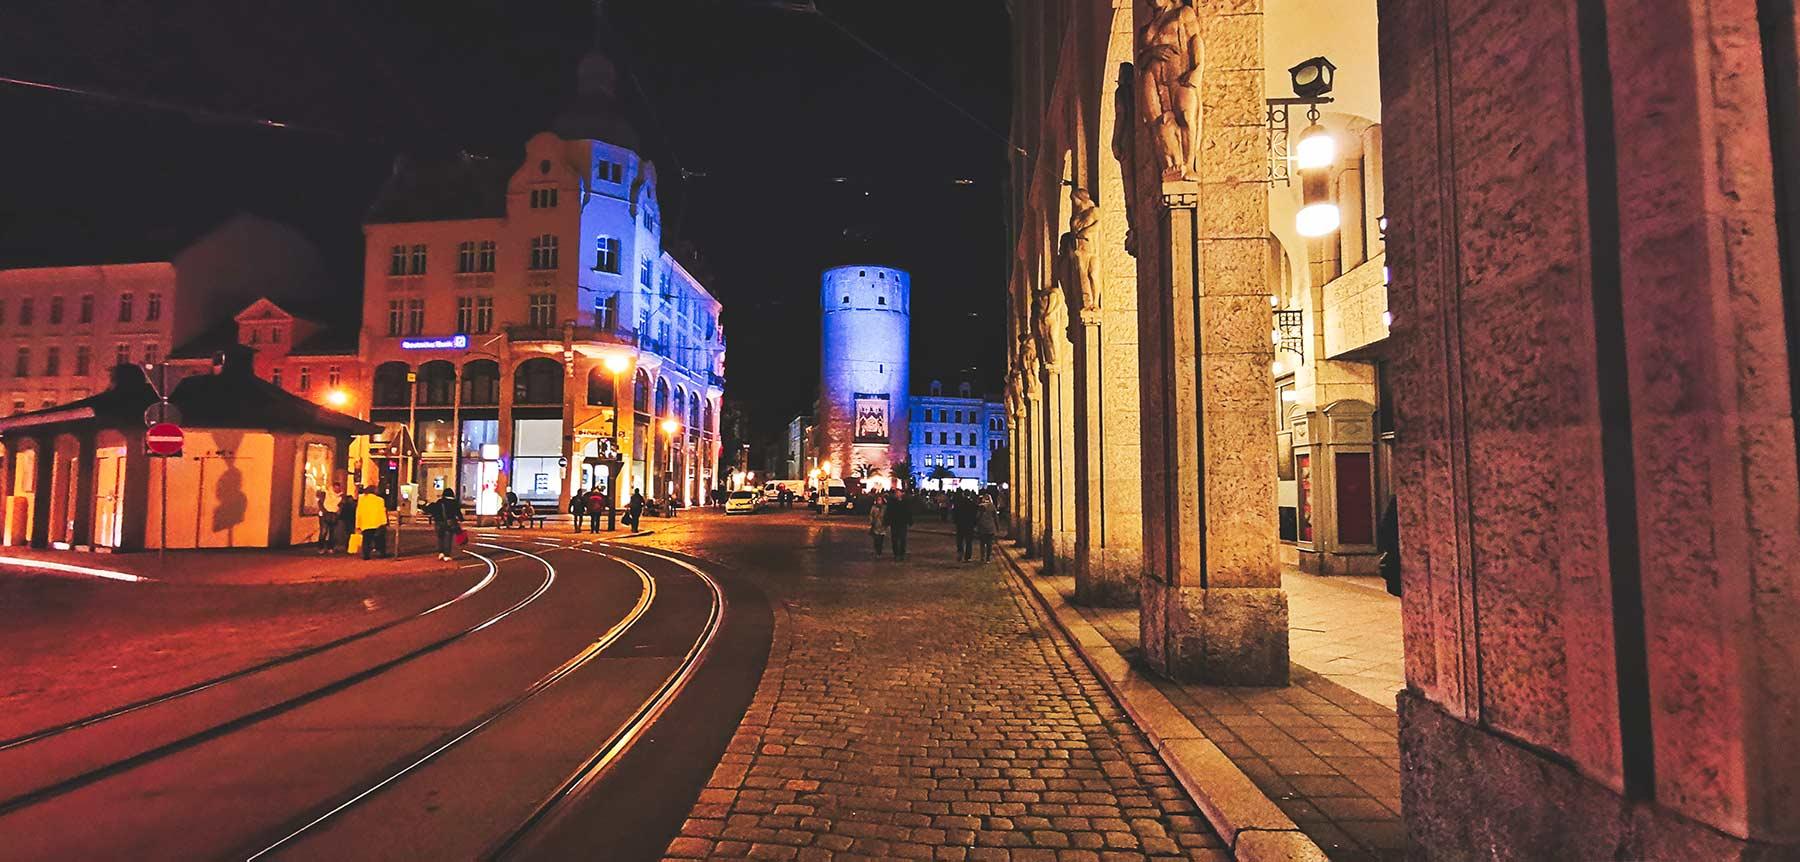 Görlitz bei Nacht, bleuchtete Innenstadt erleben